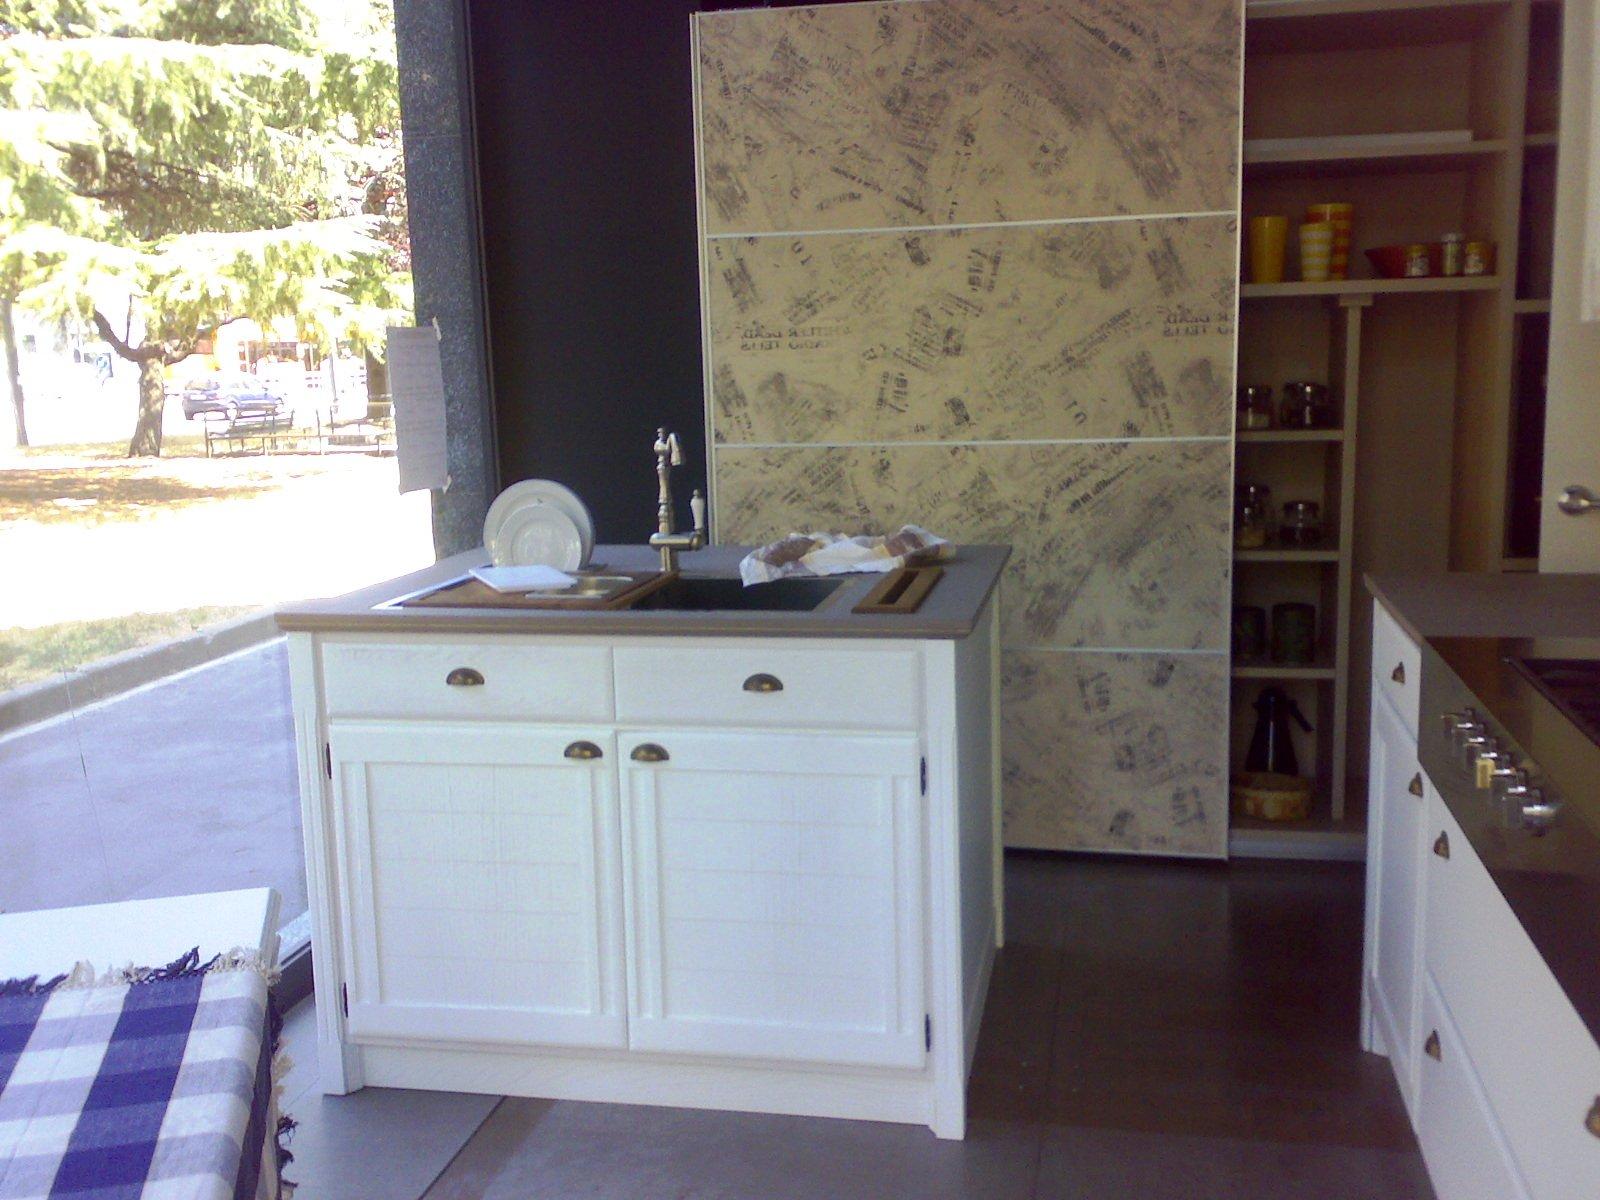 La casa rosso papavero la cucina ad isola for Isole cucina piccole